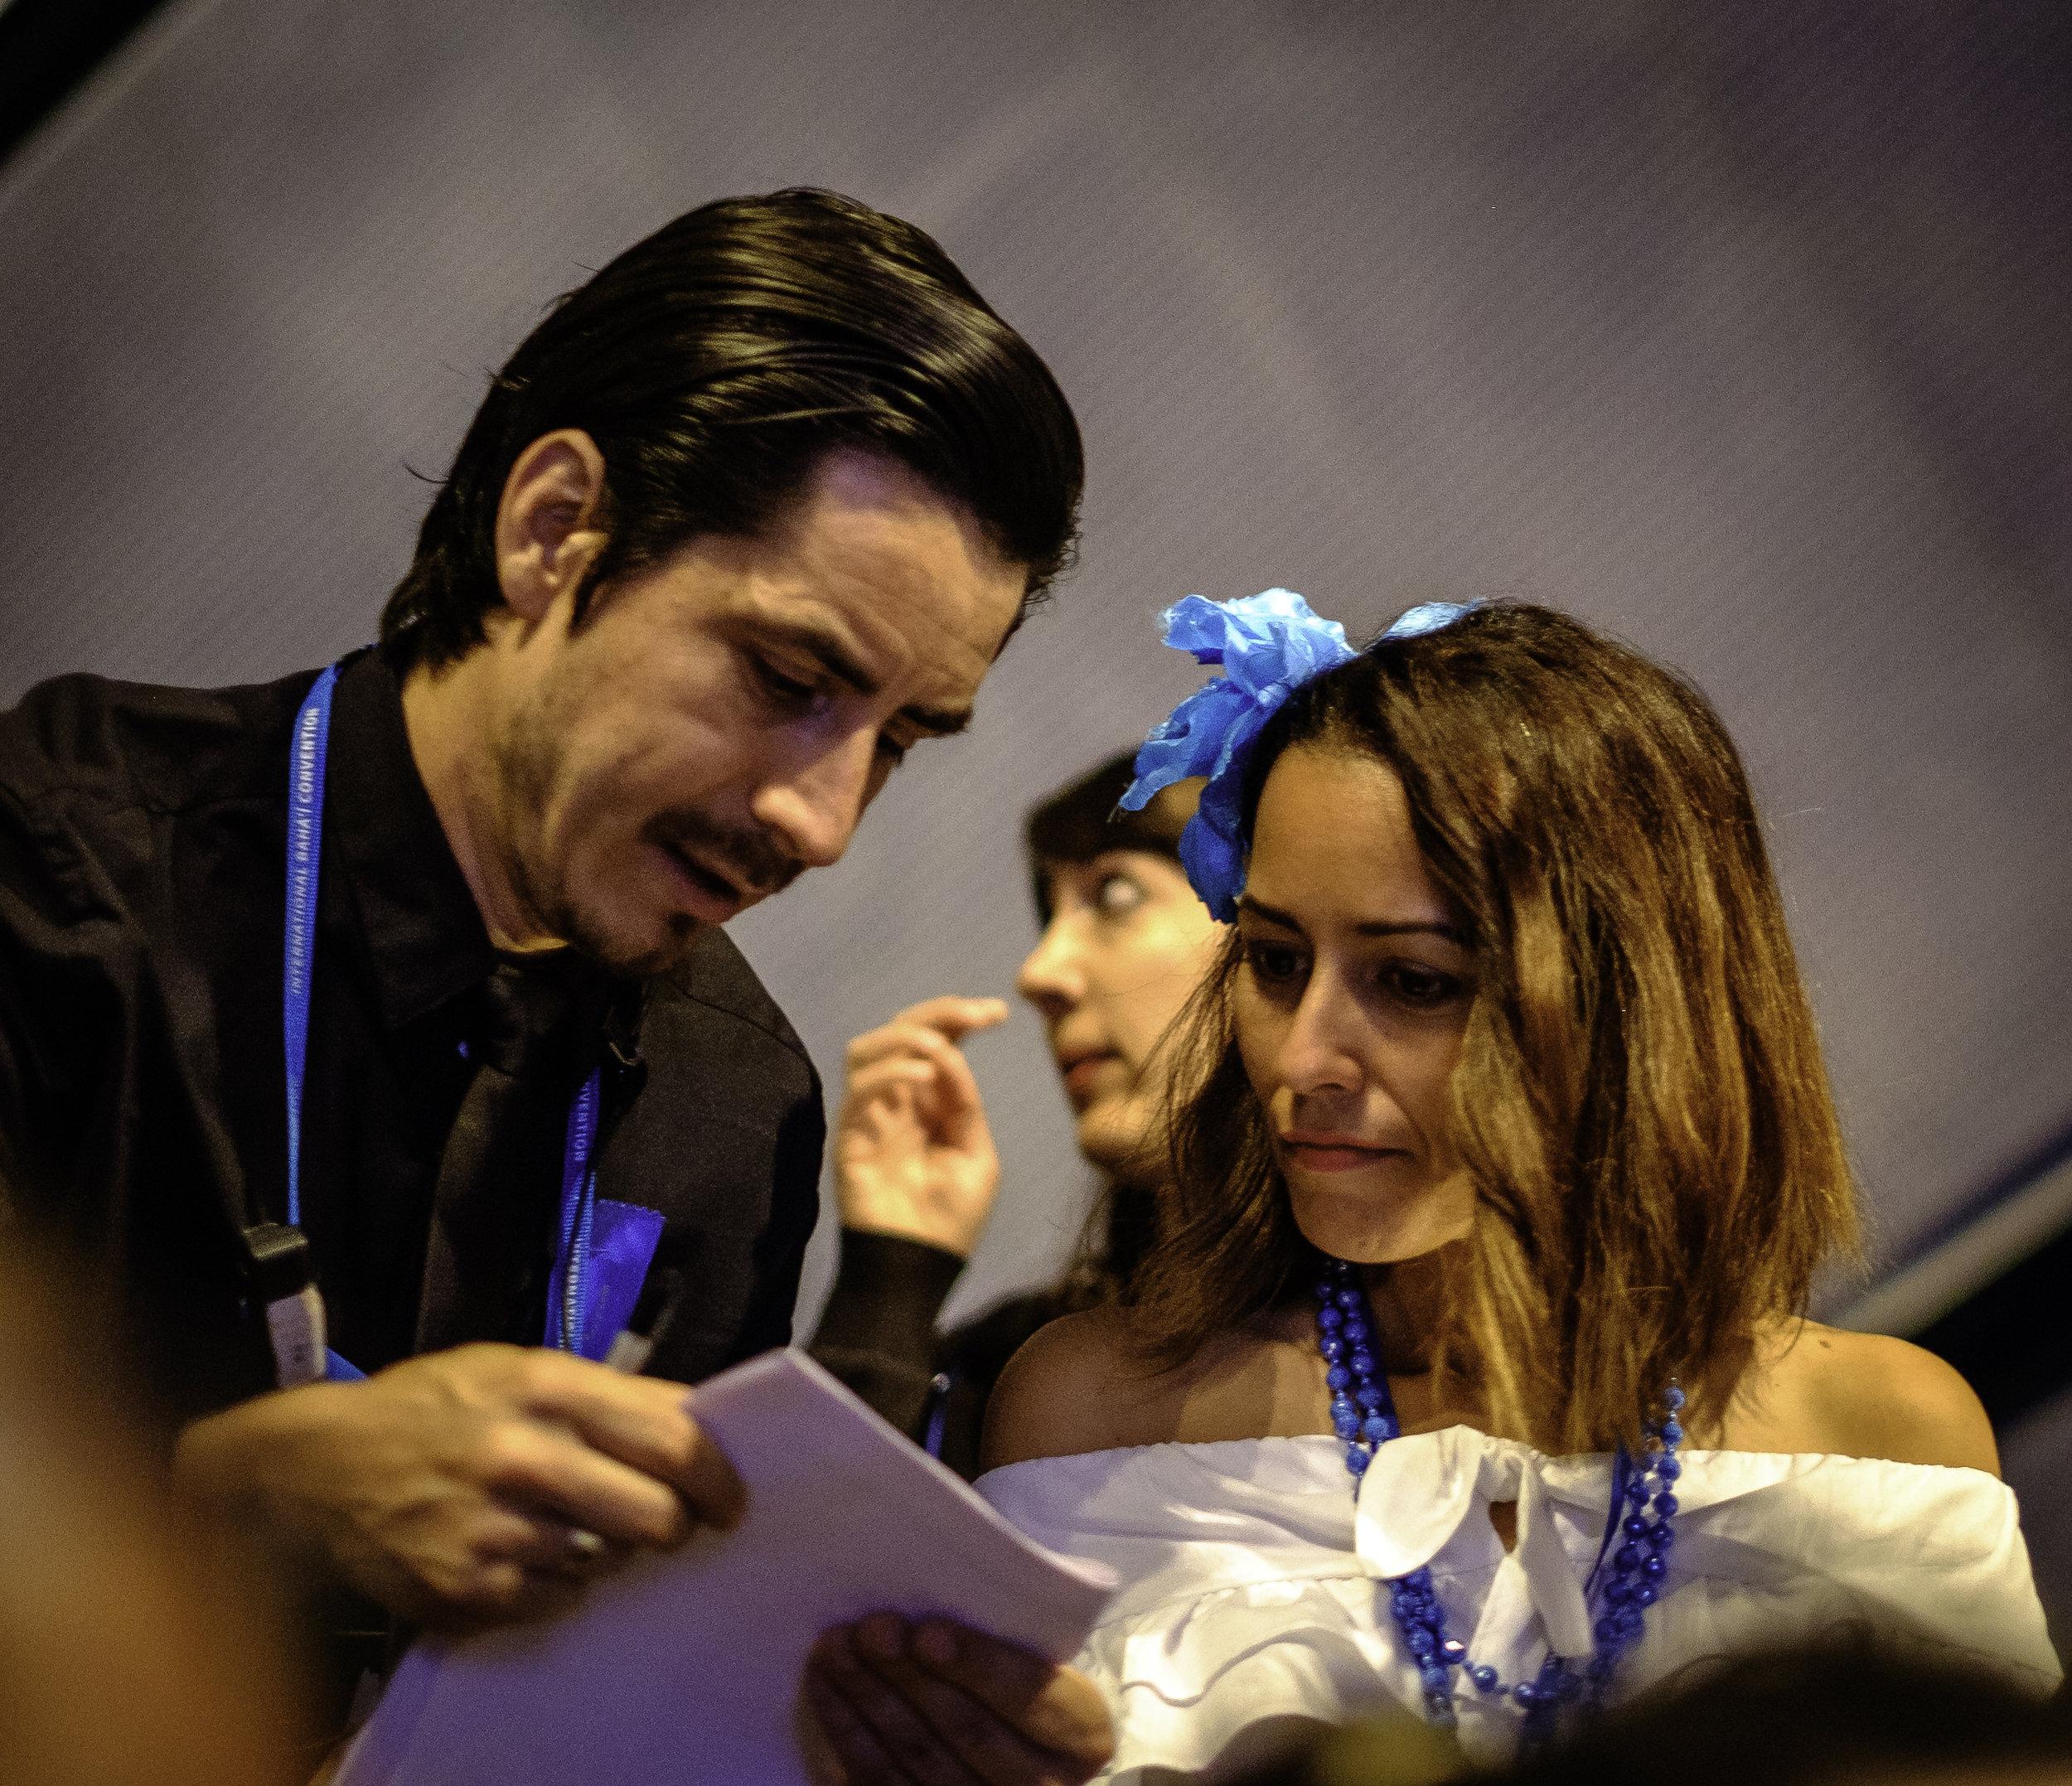 En delegat får hjelp til å finne plassen sin. Foto: Nasjonalt Åndelig Råd.